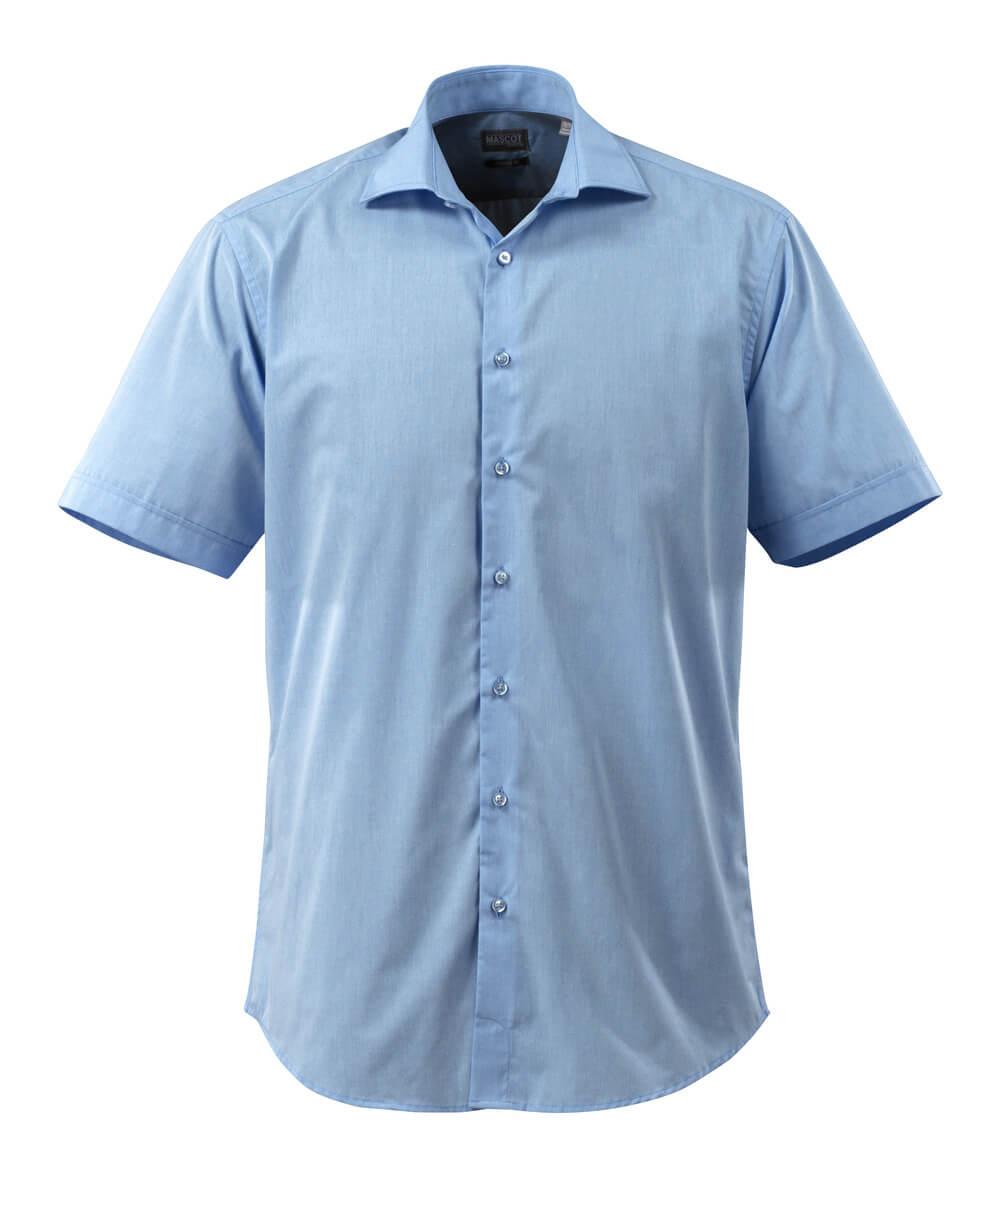 50632-984-71 Chemise, manches courtes - Bleu ciel